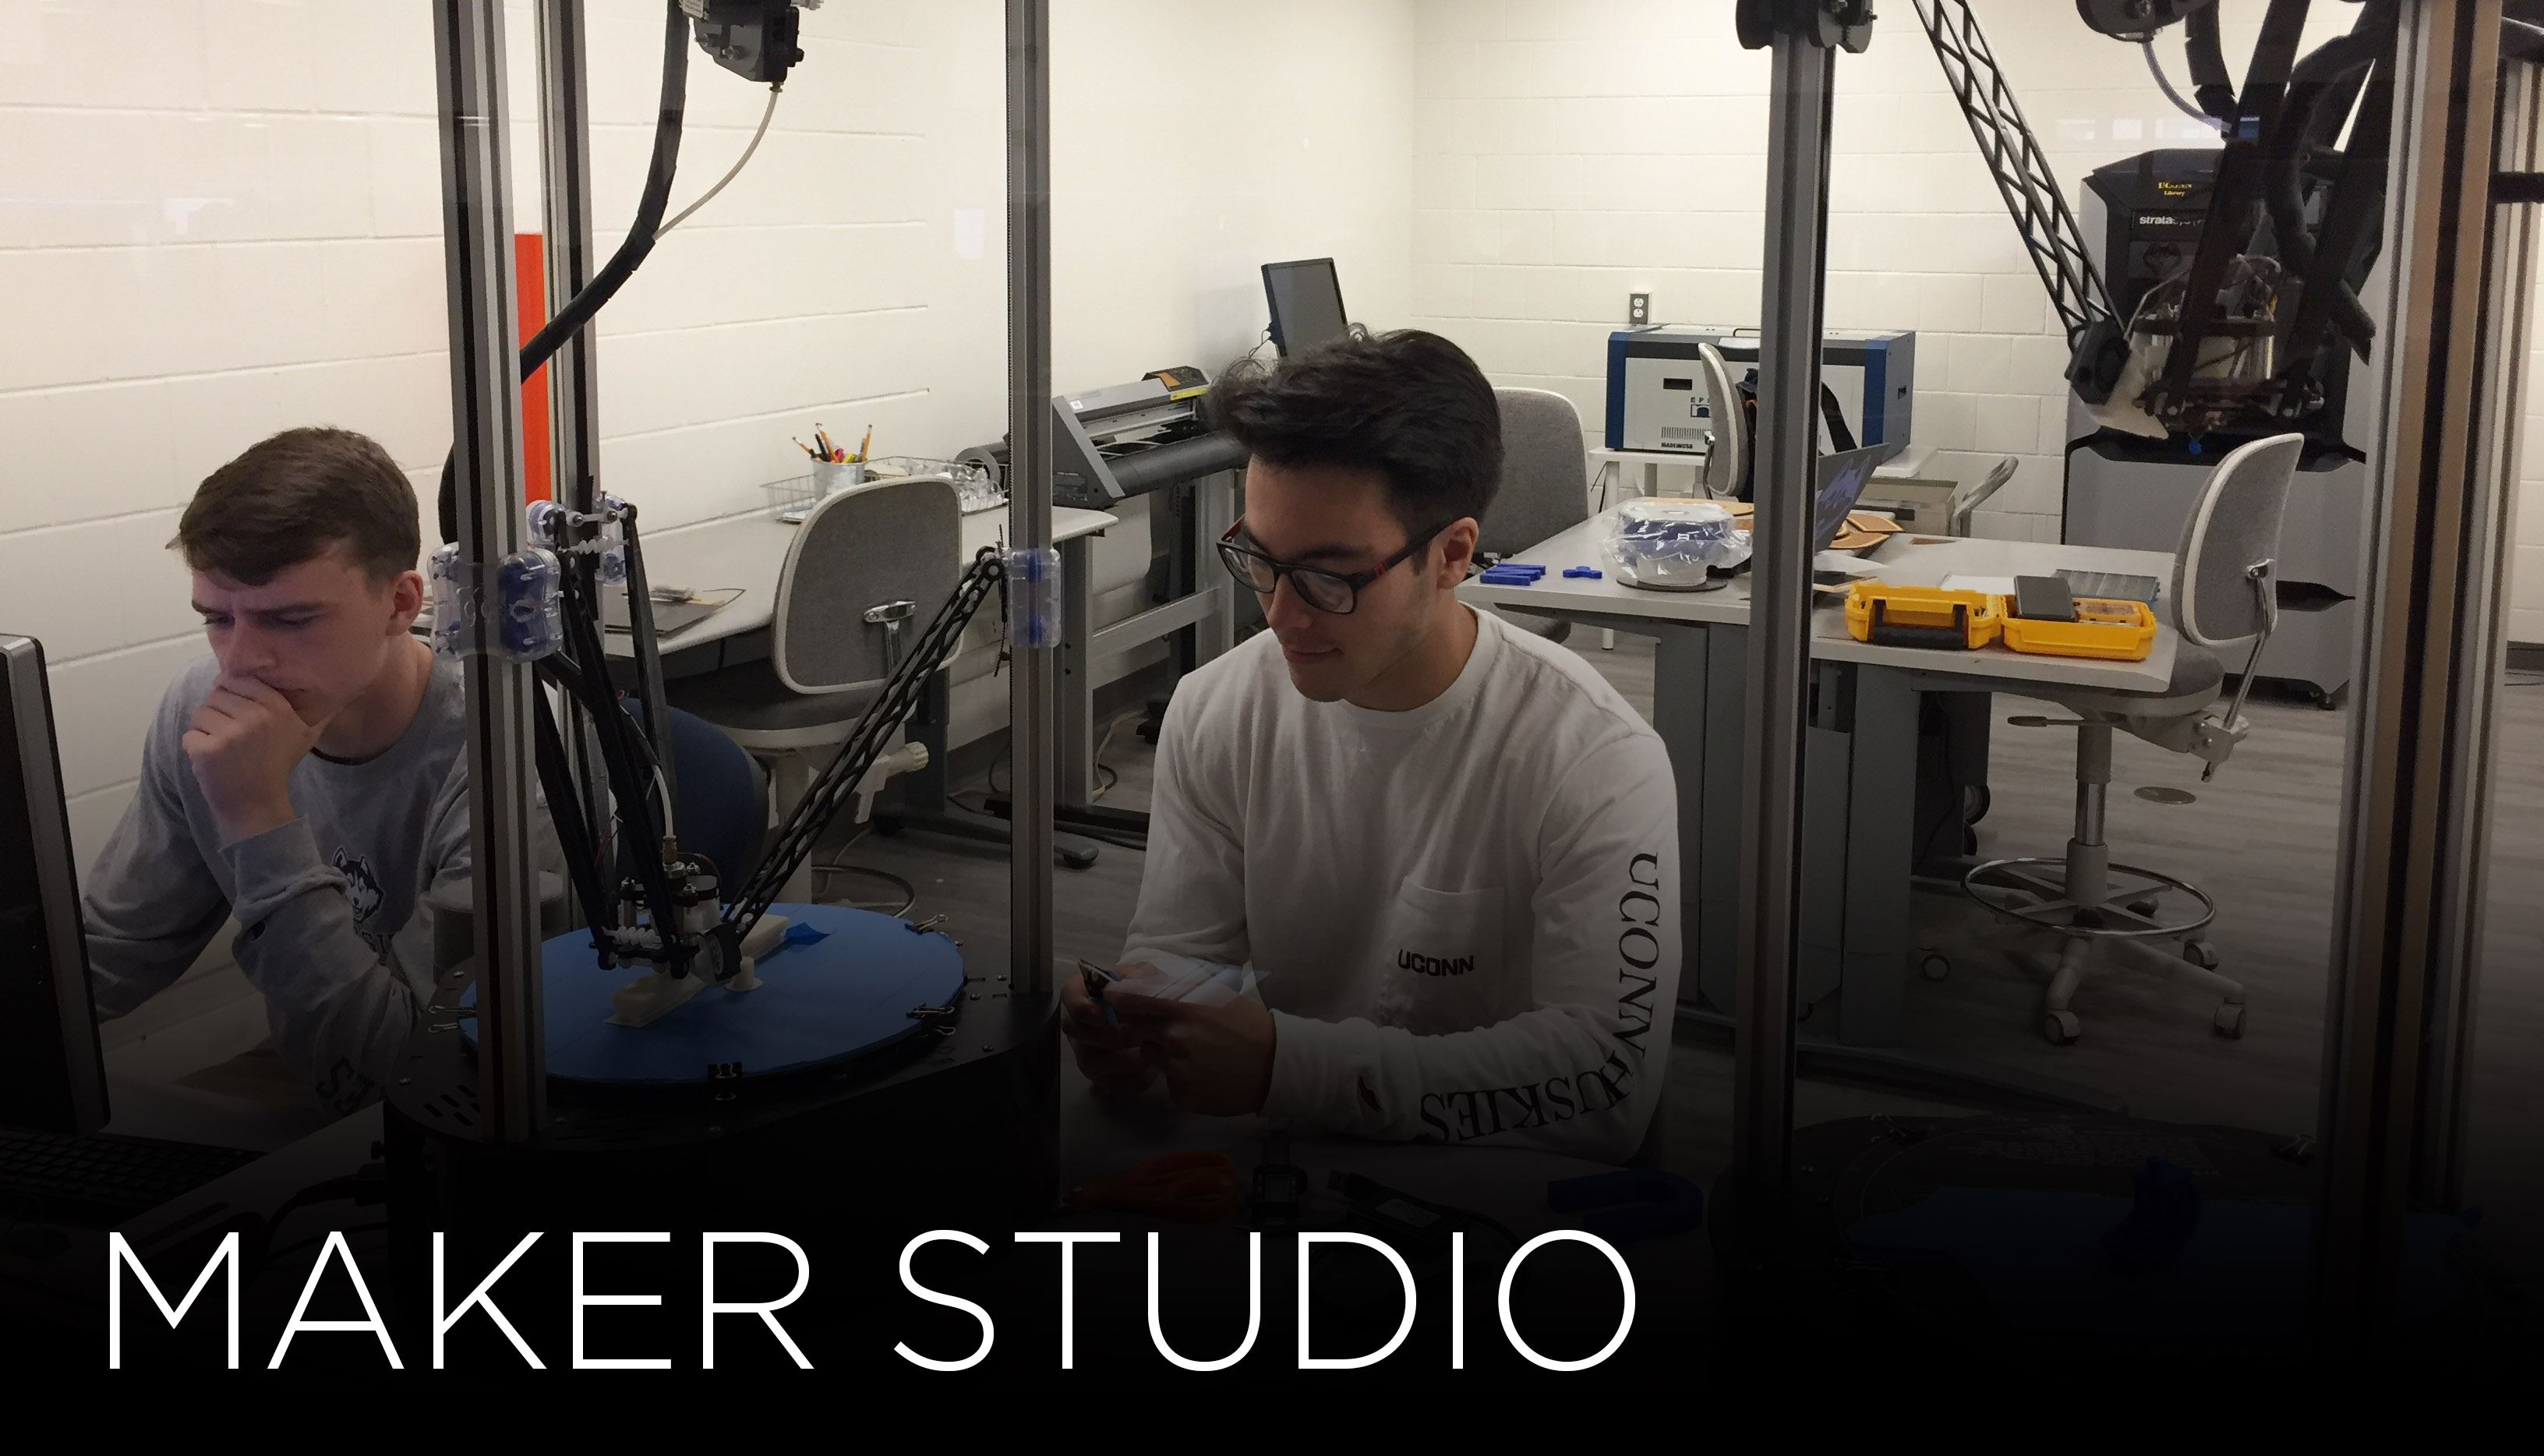 Maker Studio At Uconn Library Uconn Library